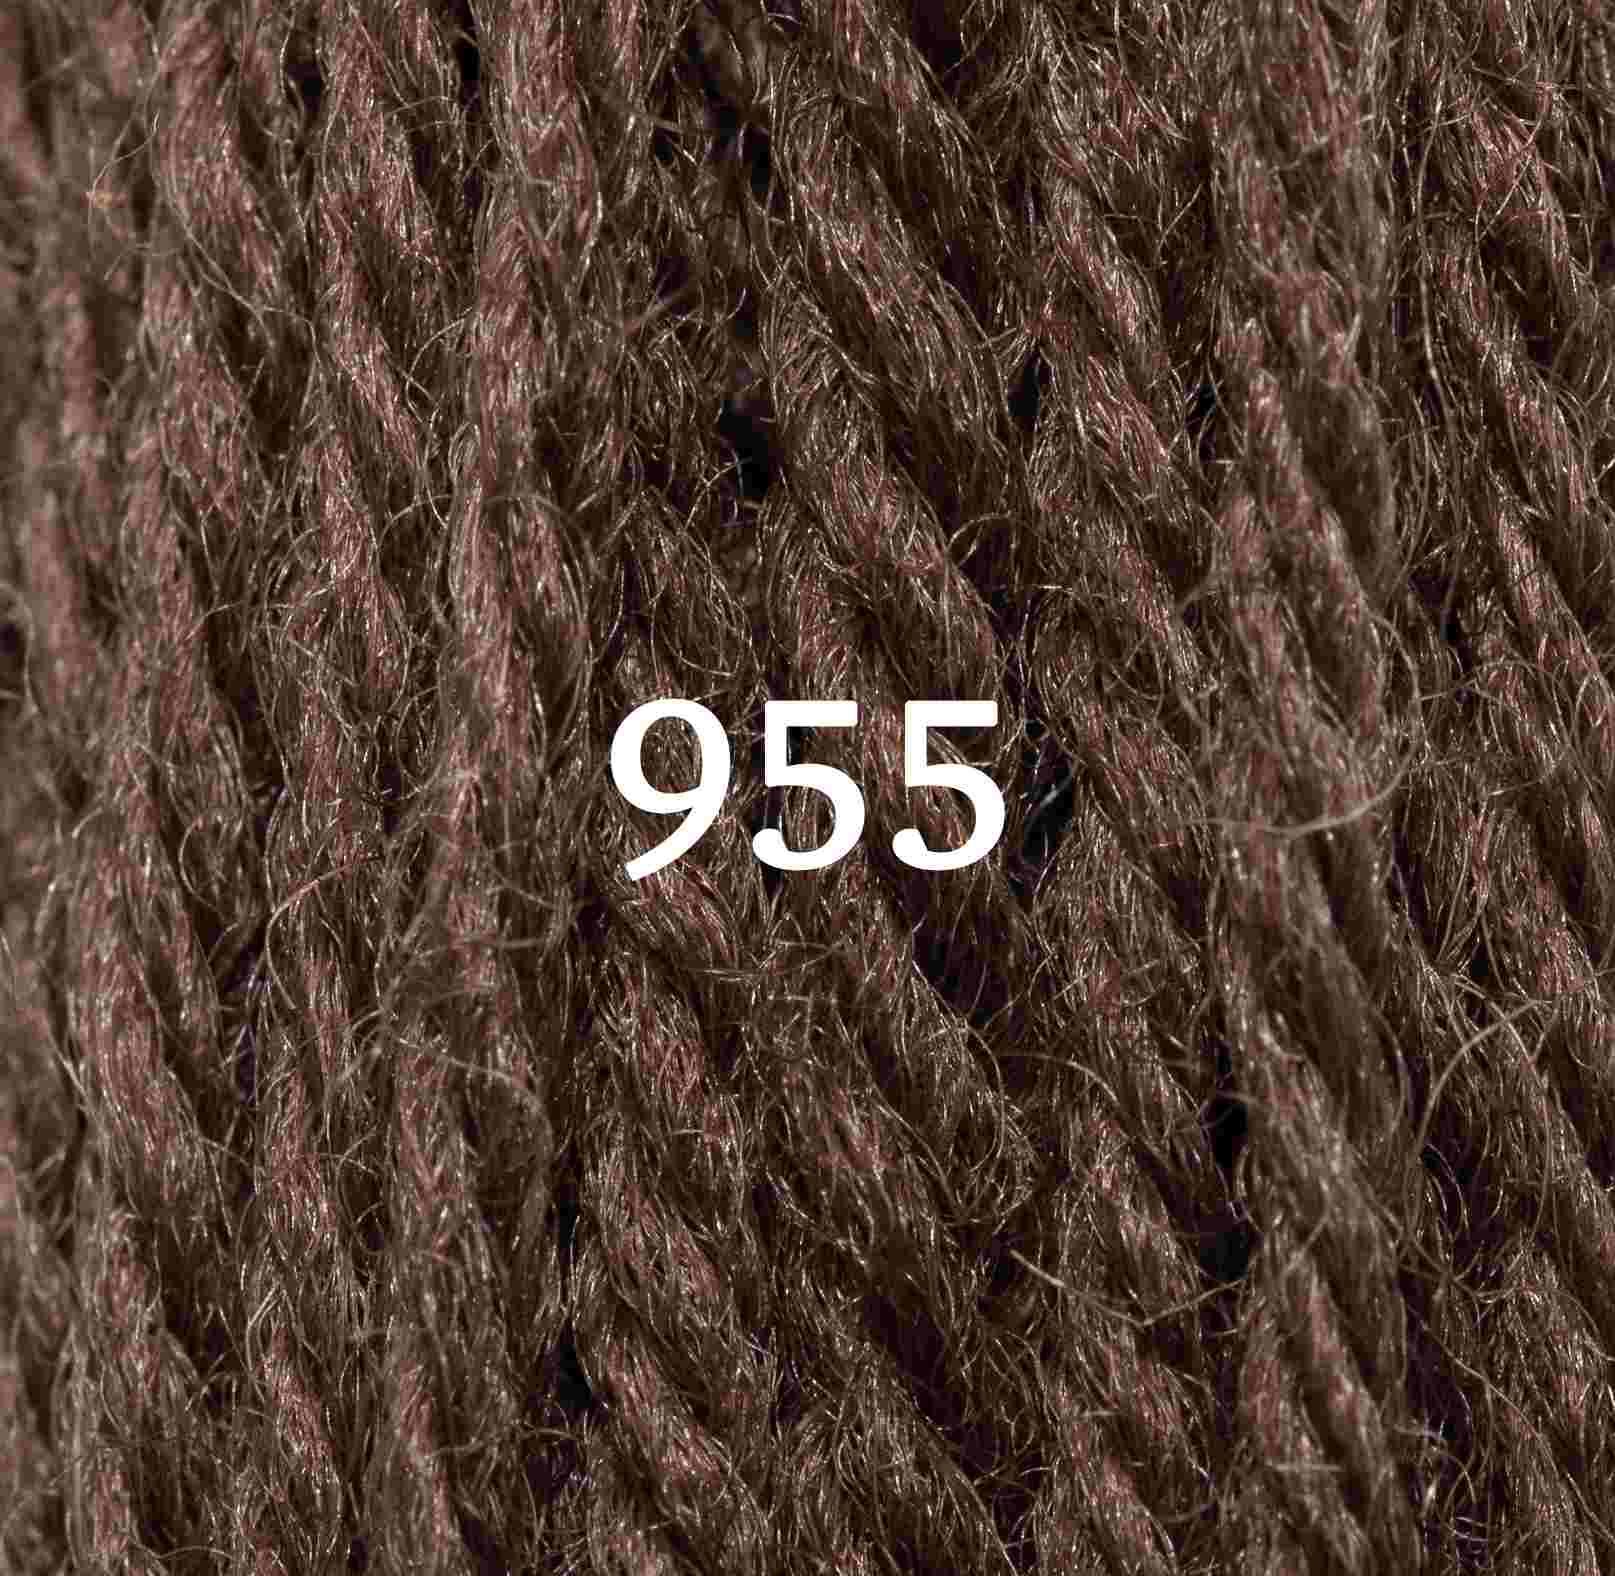 Drab-Fawn-955